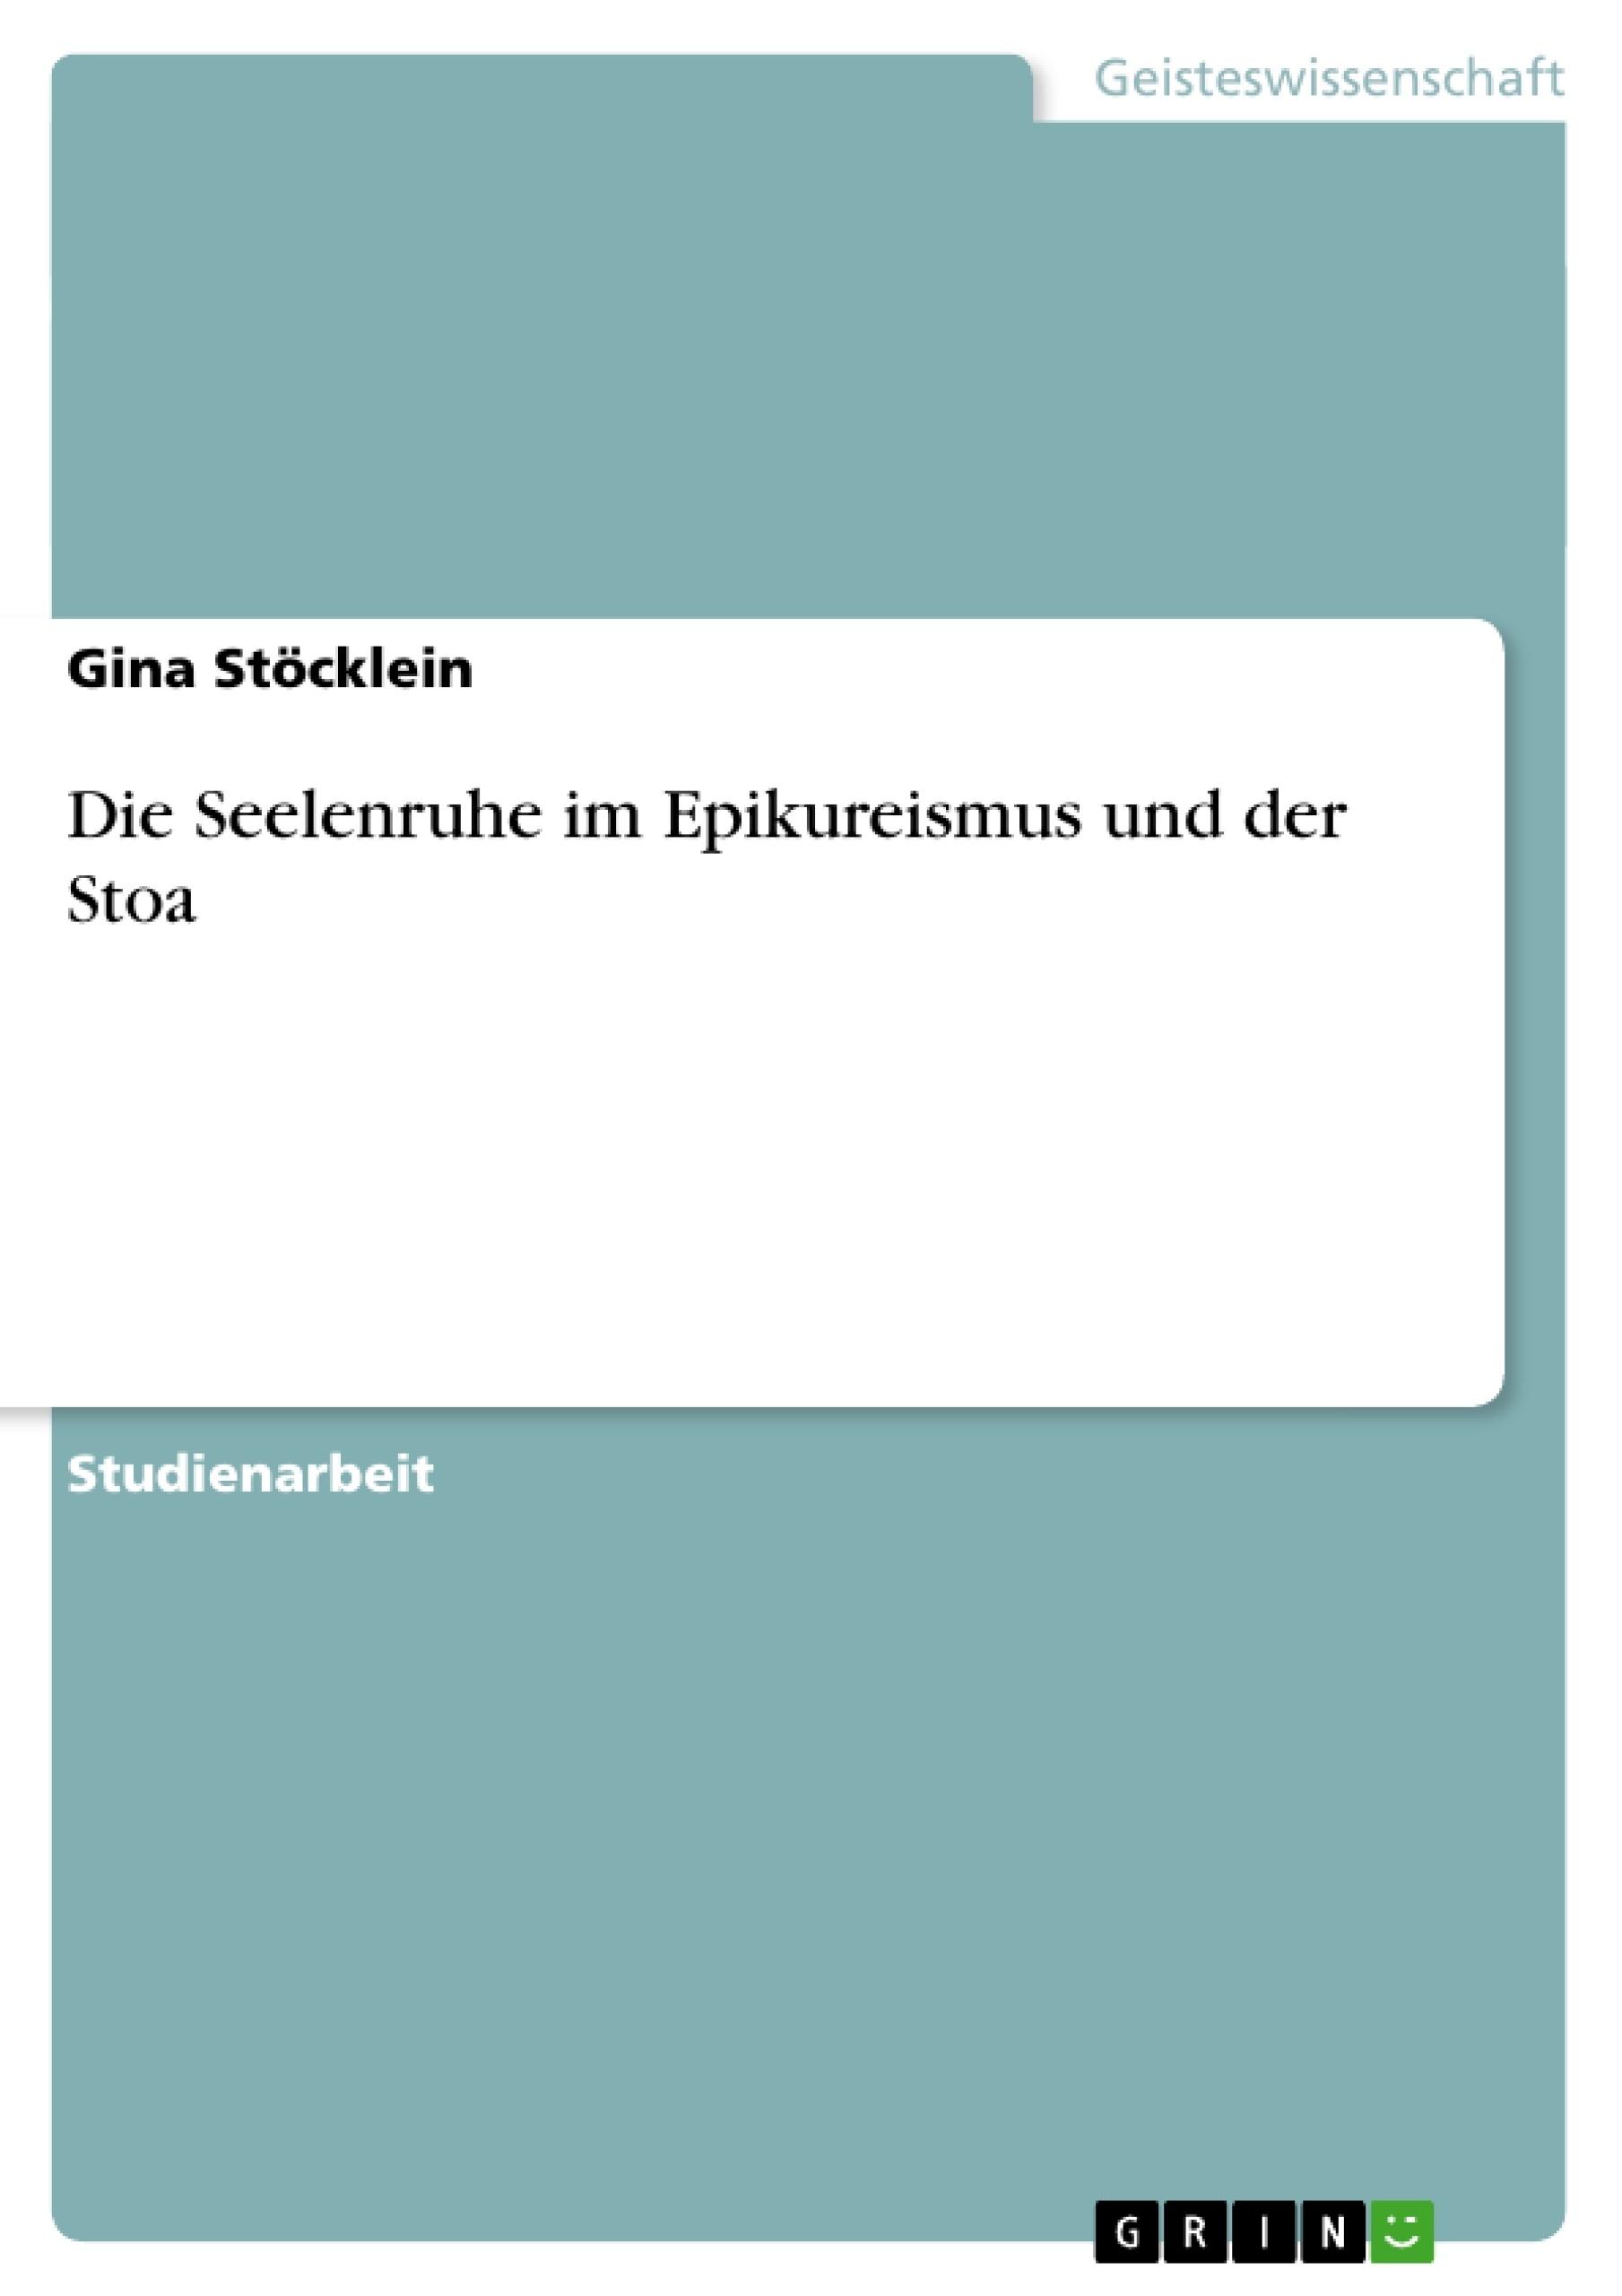 Titel: Die Seelenruhe im Epikureismus und der Stoa